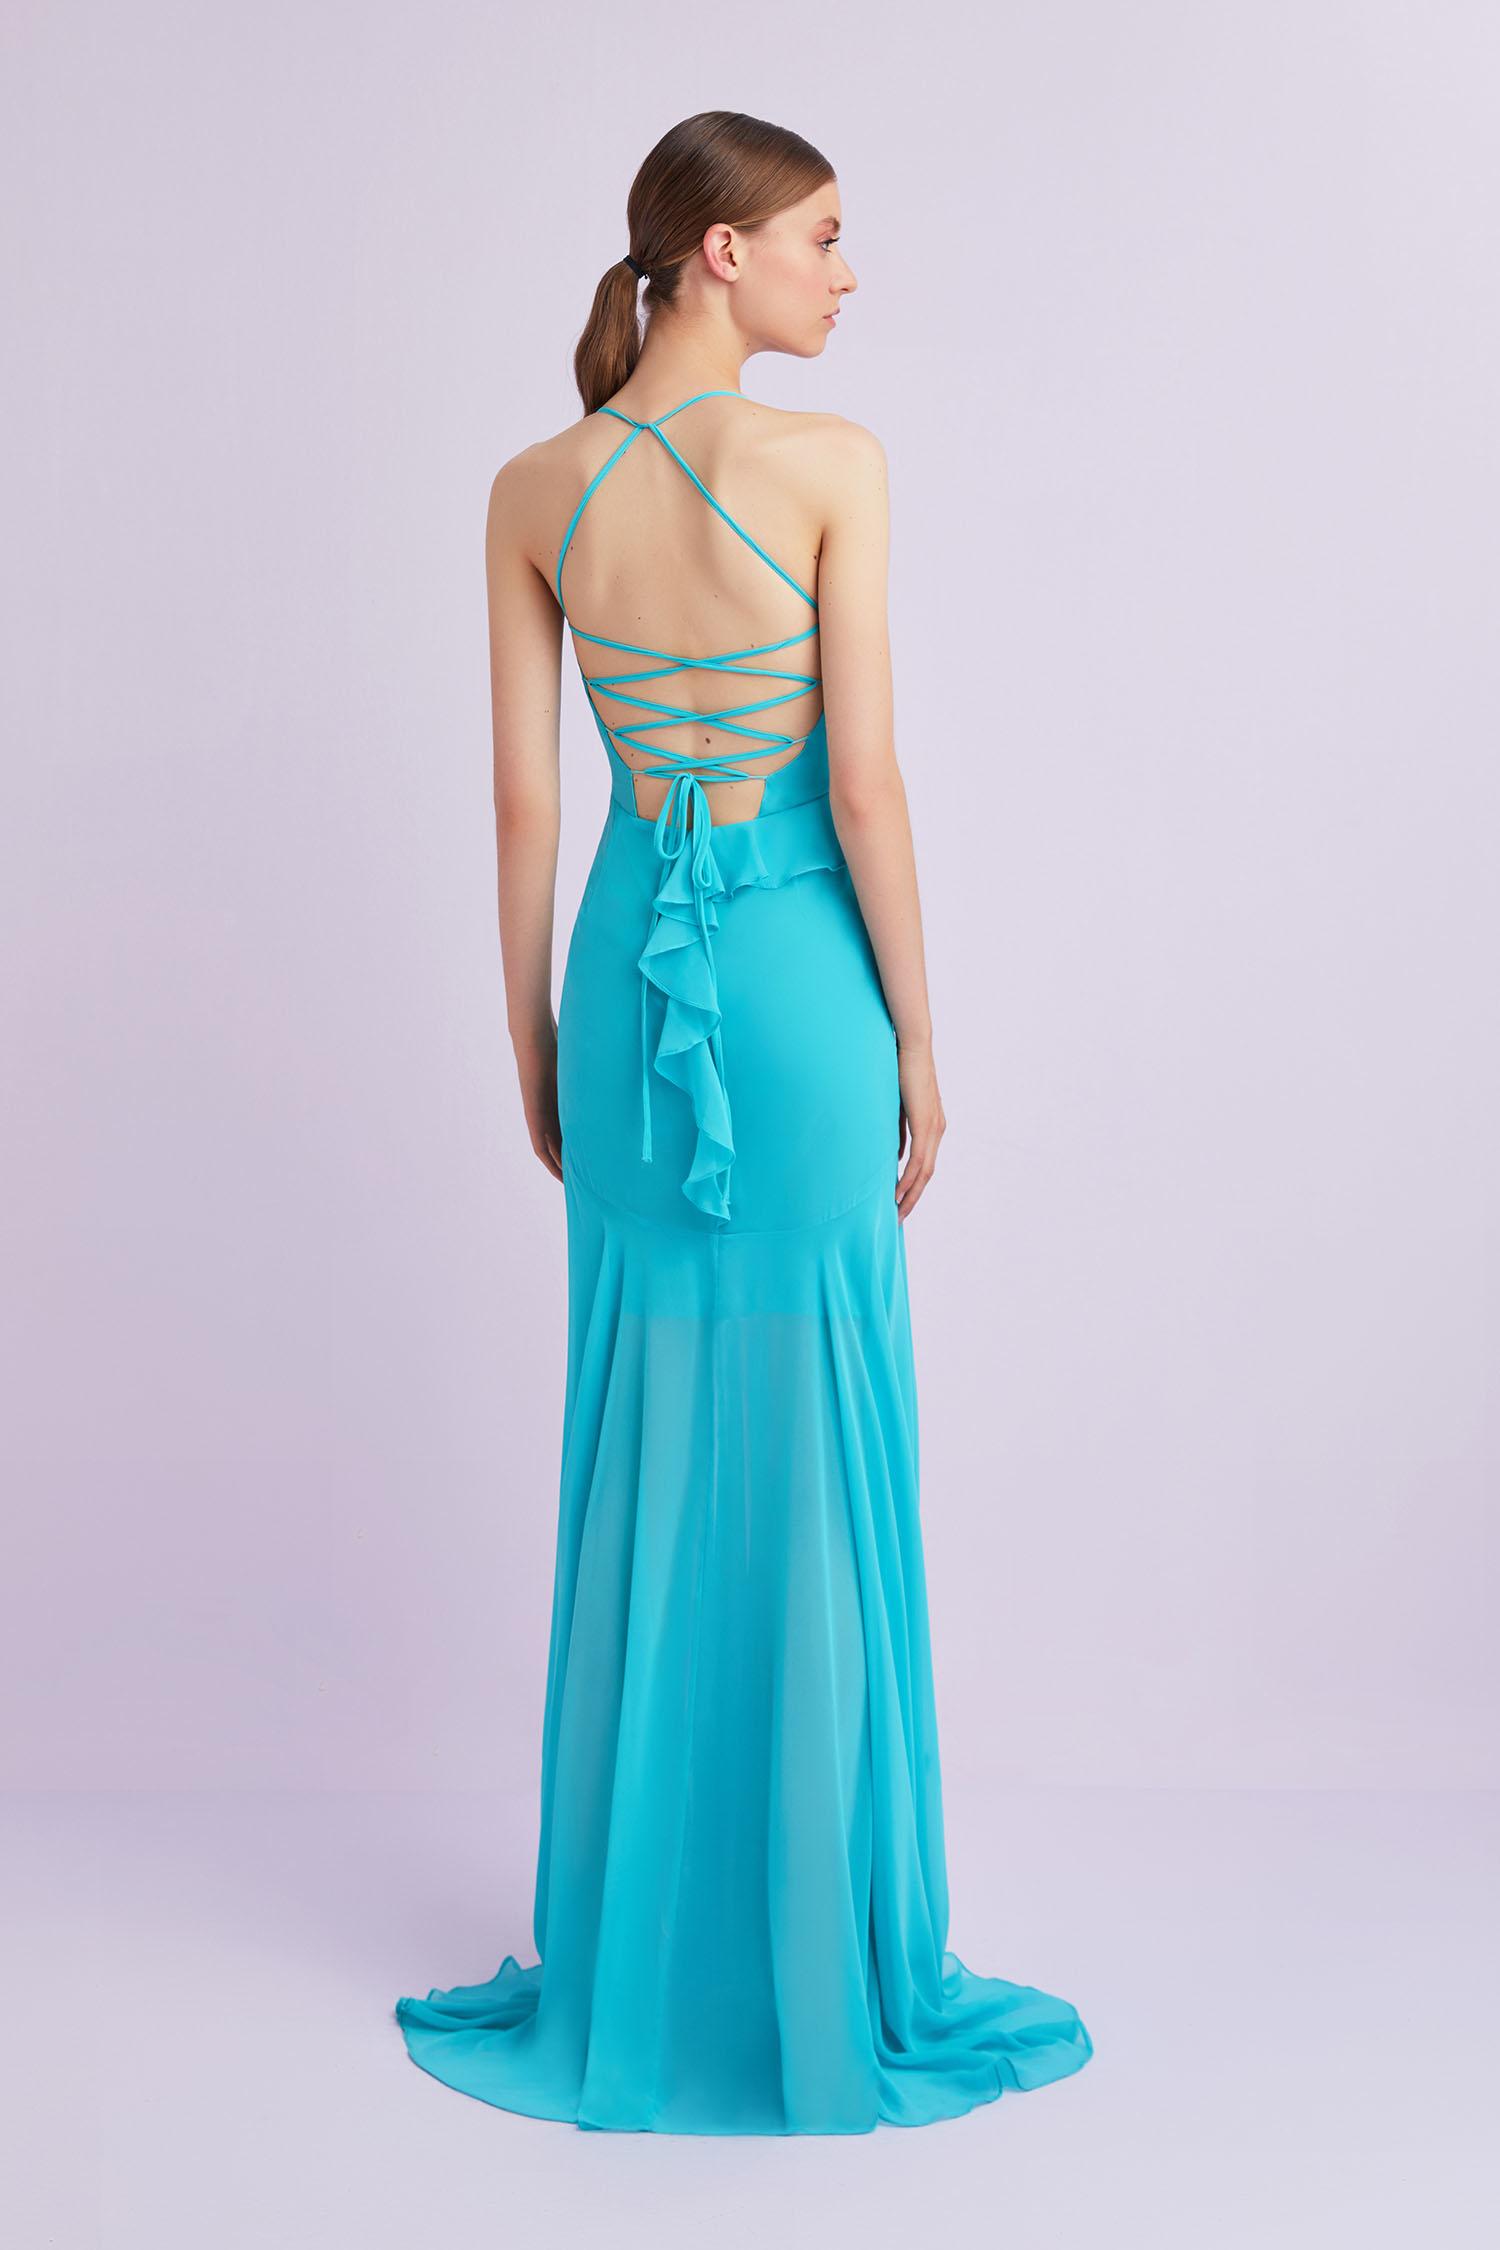 Açık Mavi Askılı Çapraz Bağlamalı Şifon Abiye Elbise - Thumbnail